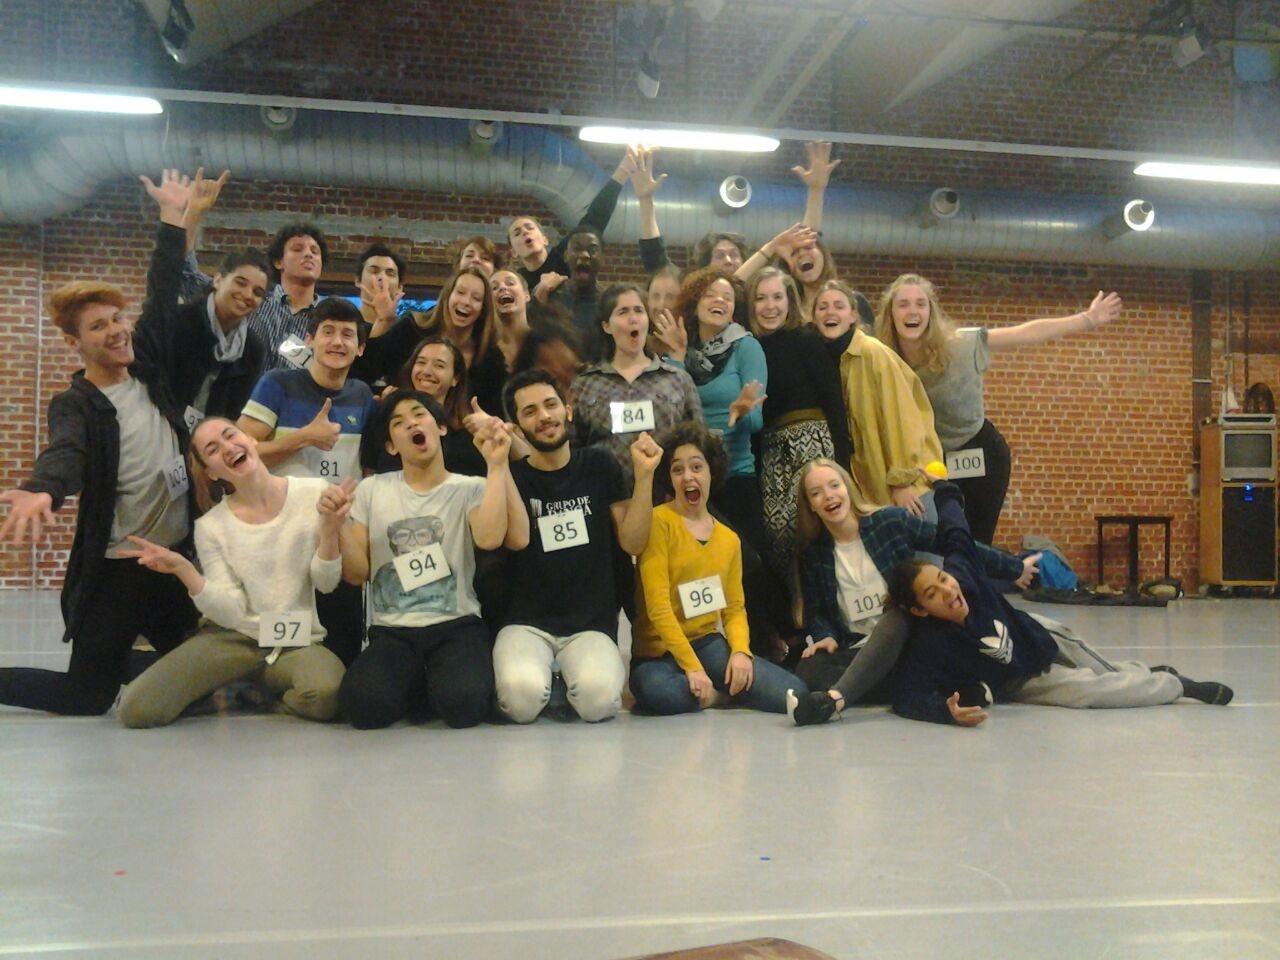 A alegria da turma final de selecionados para estudar na escola P.A.R.T.S., em Bruxelas